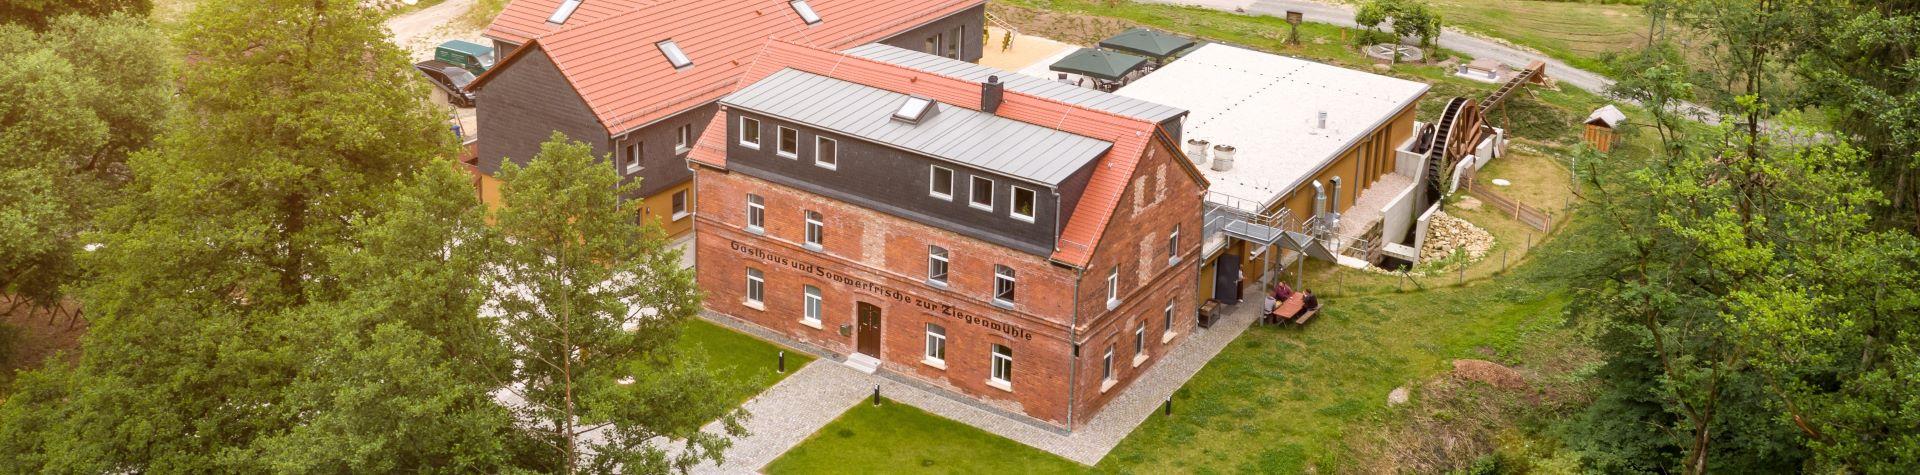 Ziegenmuehle-Brauereigasthof-Home